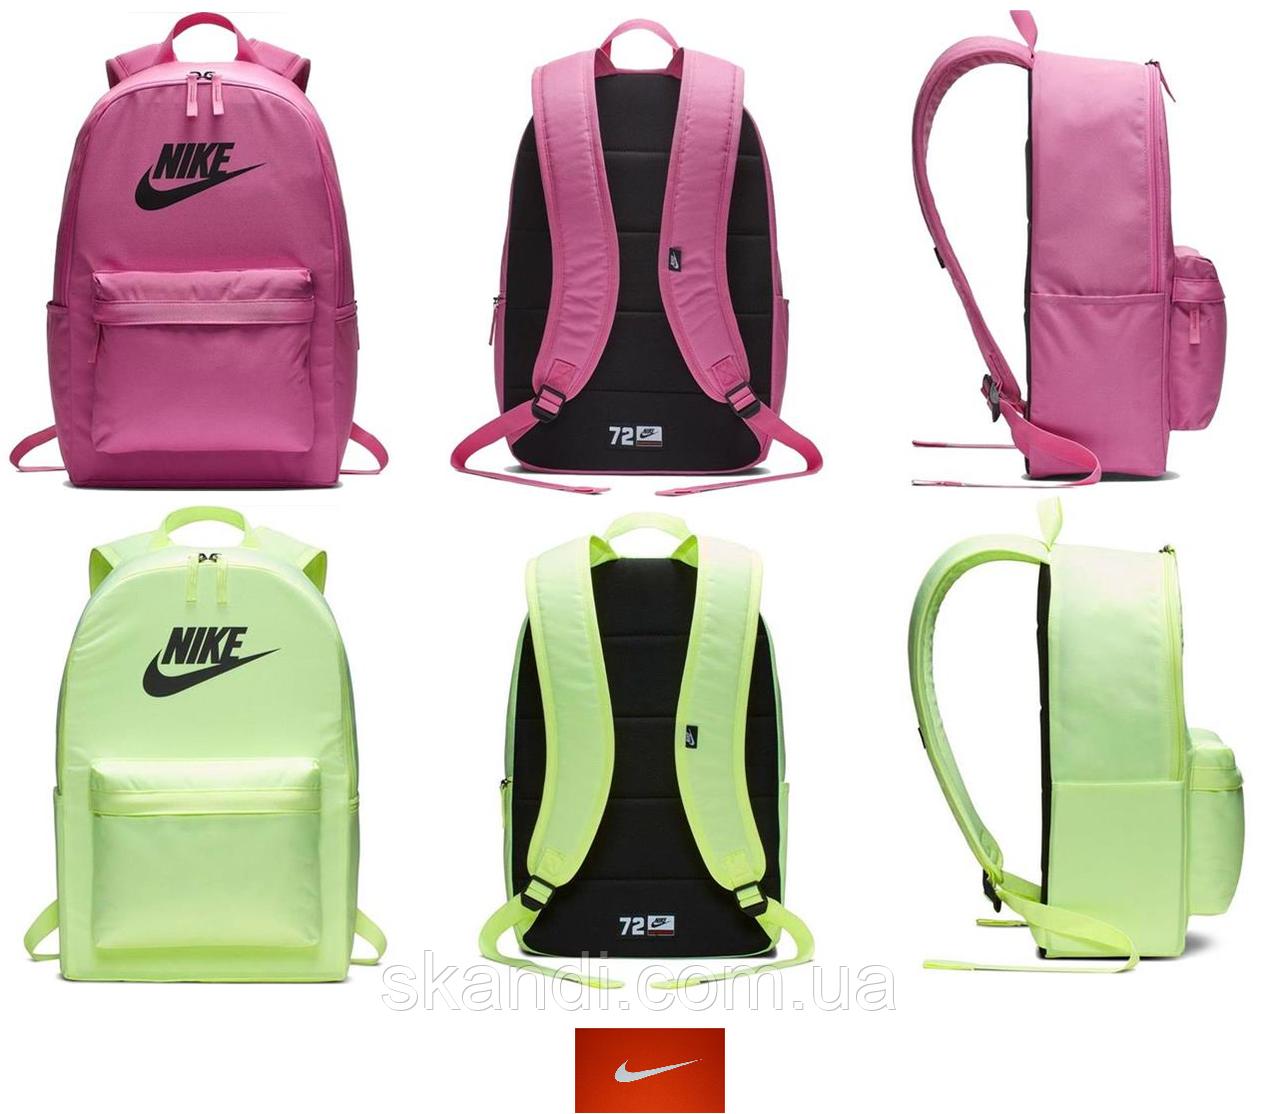 Рюкзак Nike Hernitage(Оригинал) 2 цвета